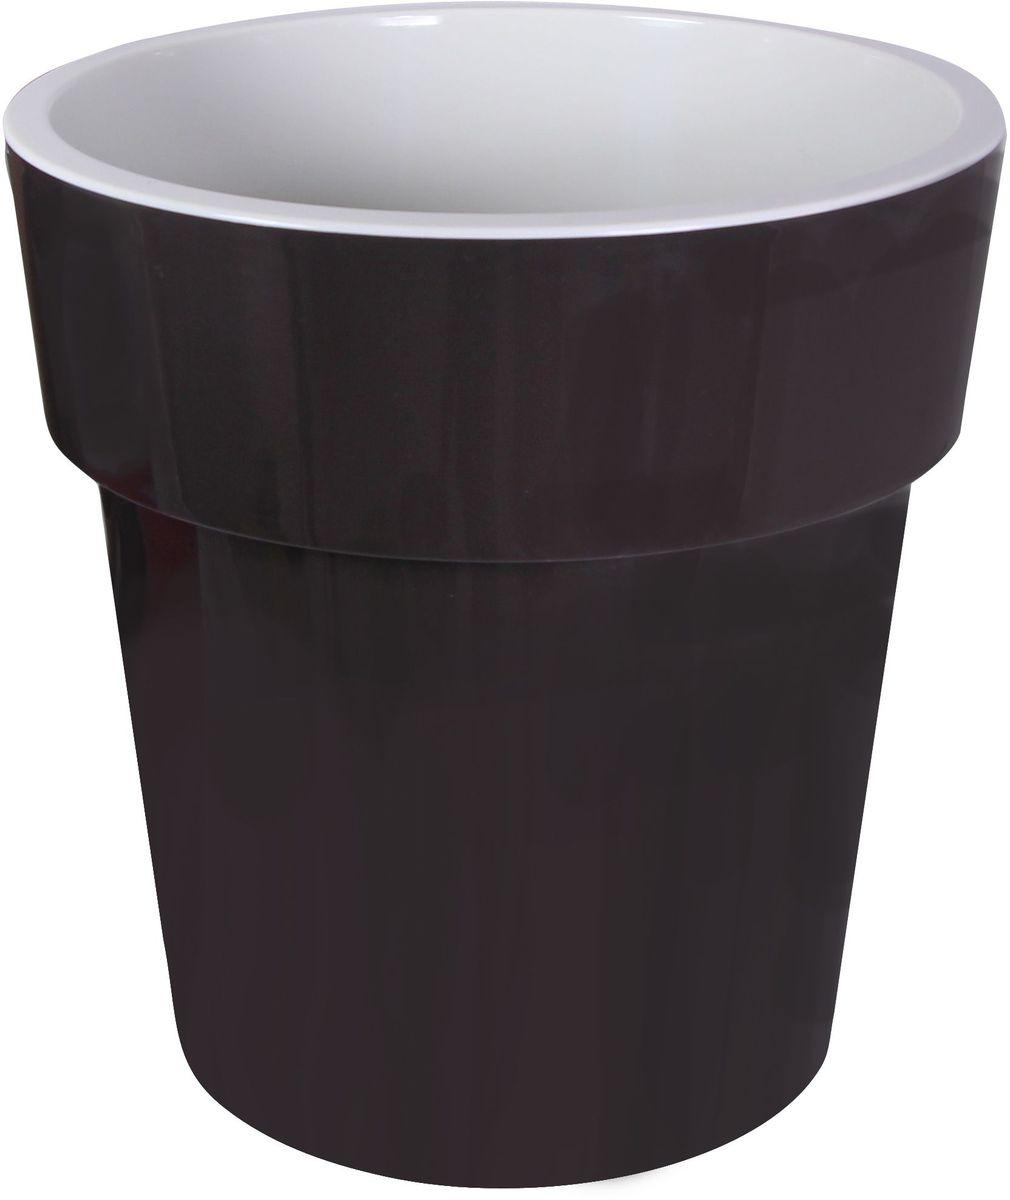 Кашпо Idea Тубус, цвет: коричневый, диаметр 15 смМ 3164